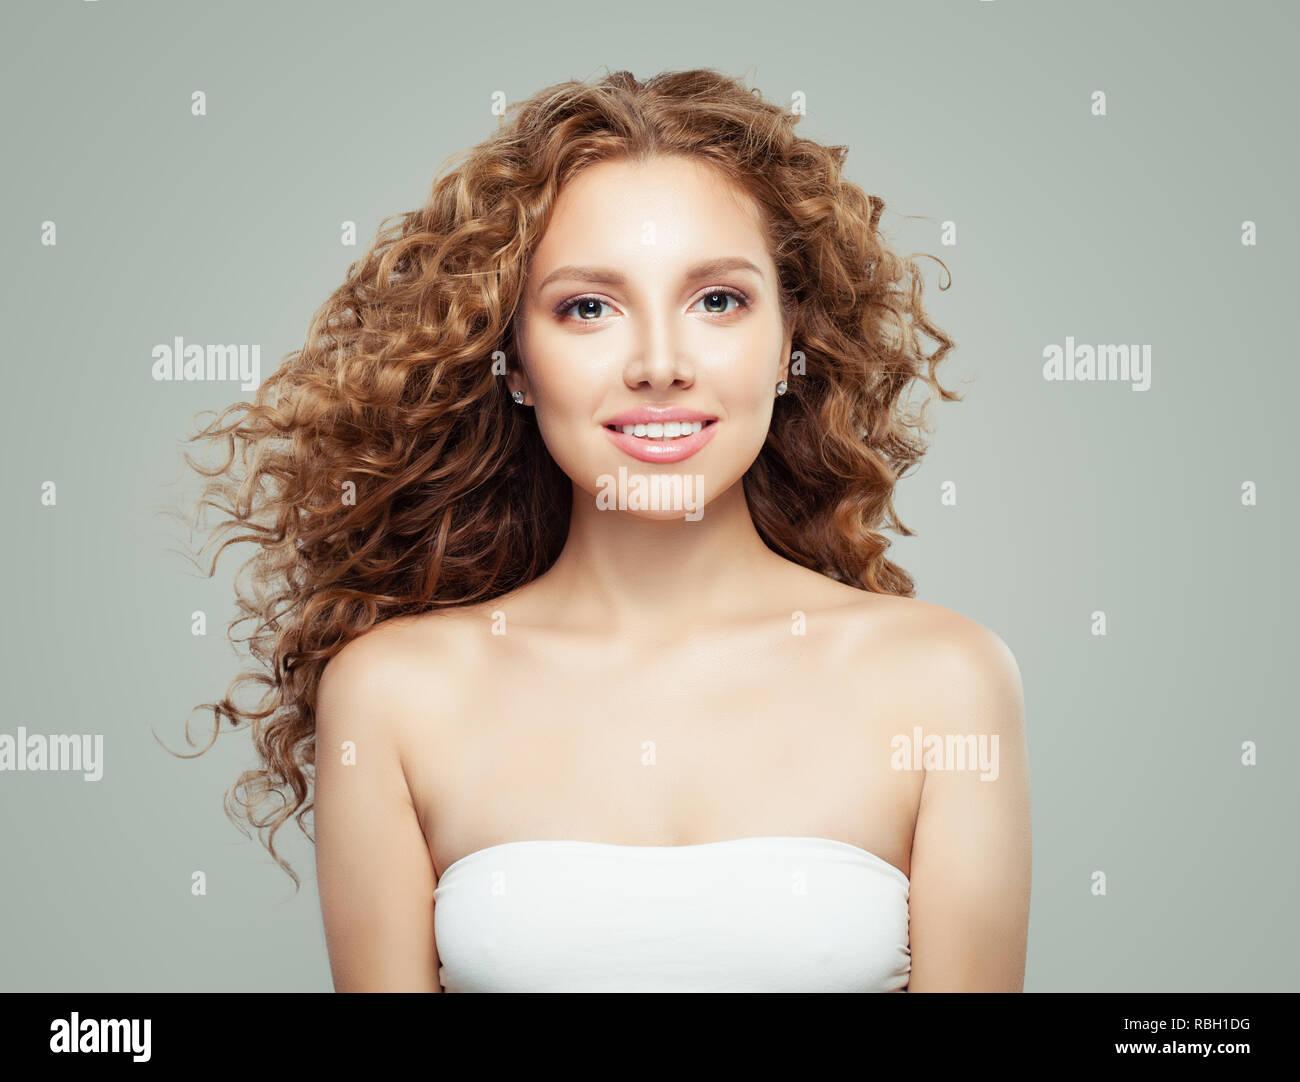 Giovane bella donna con sani lunghi capelli ricci. Ragazza sorridente su  sfondo grigio Immagini Stock 3c398c8dd42c